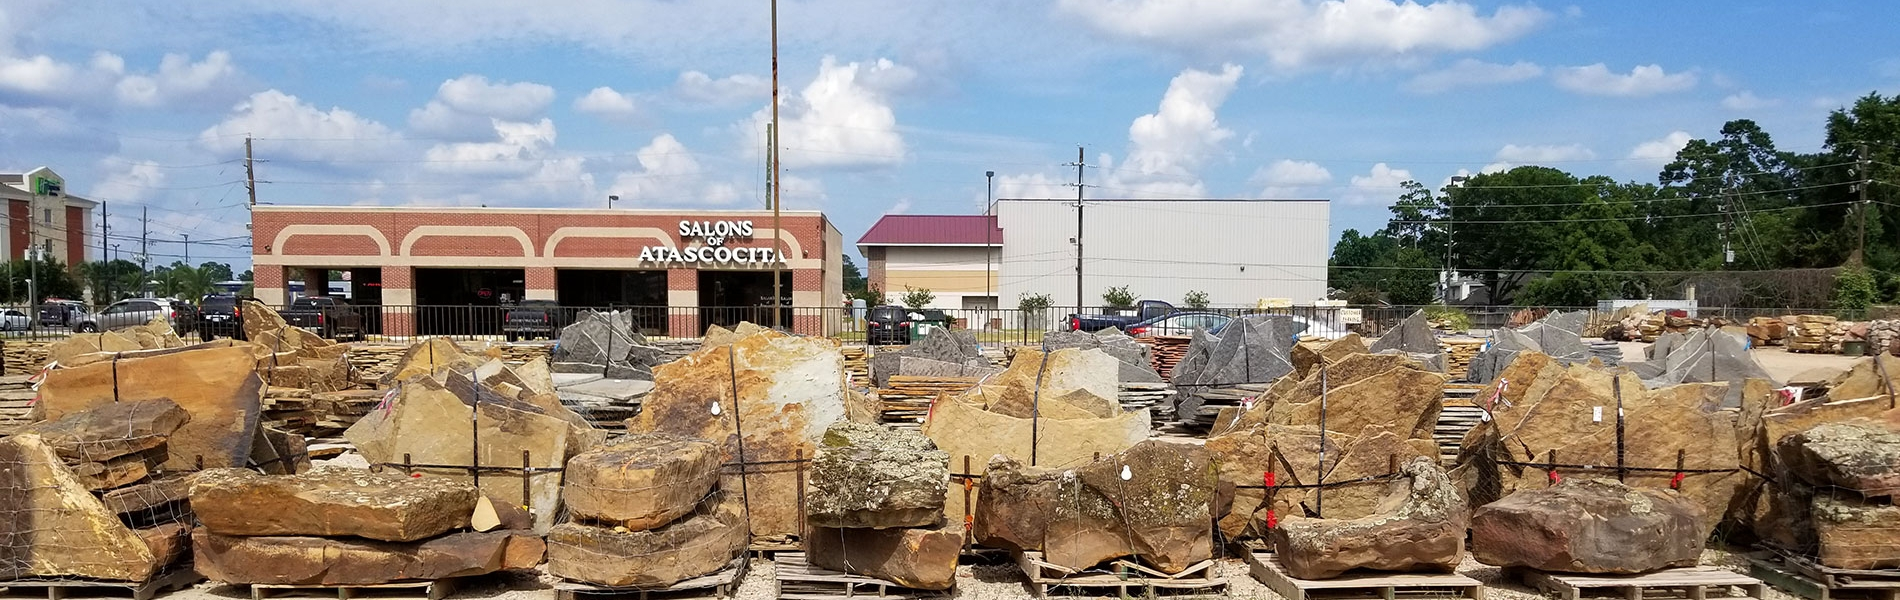 Rock & Mulch in Humble, TX